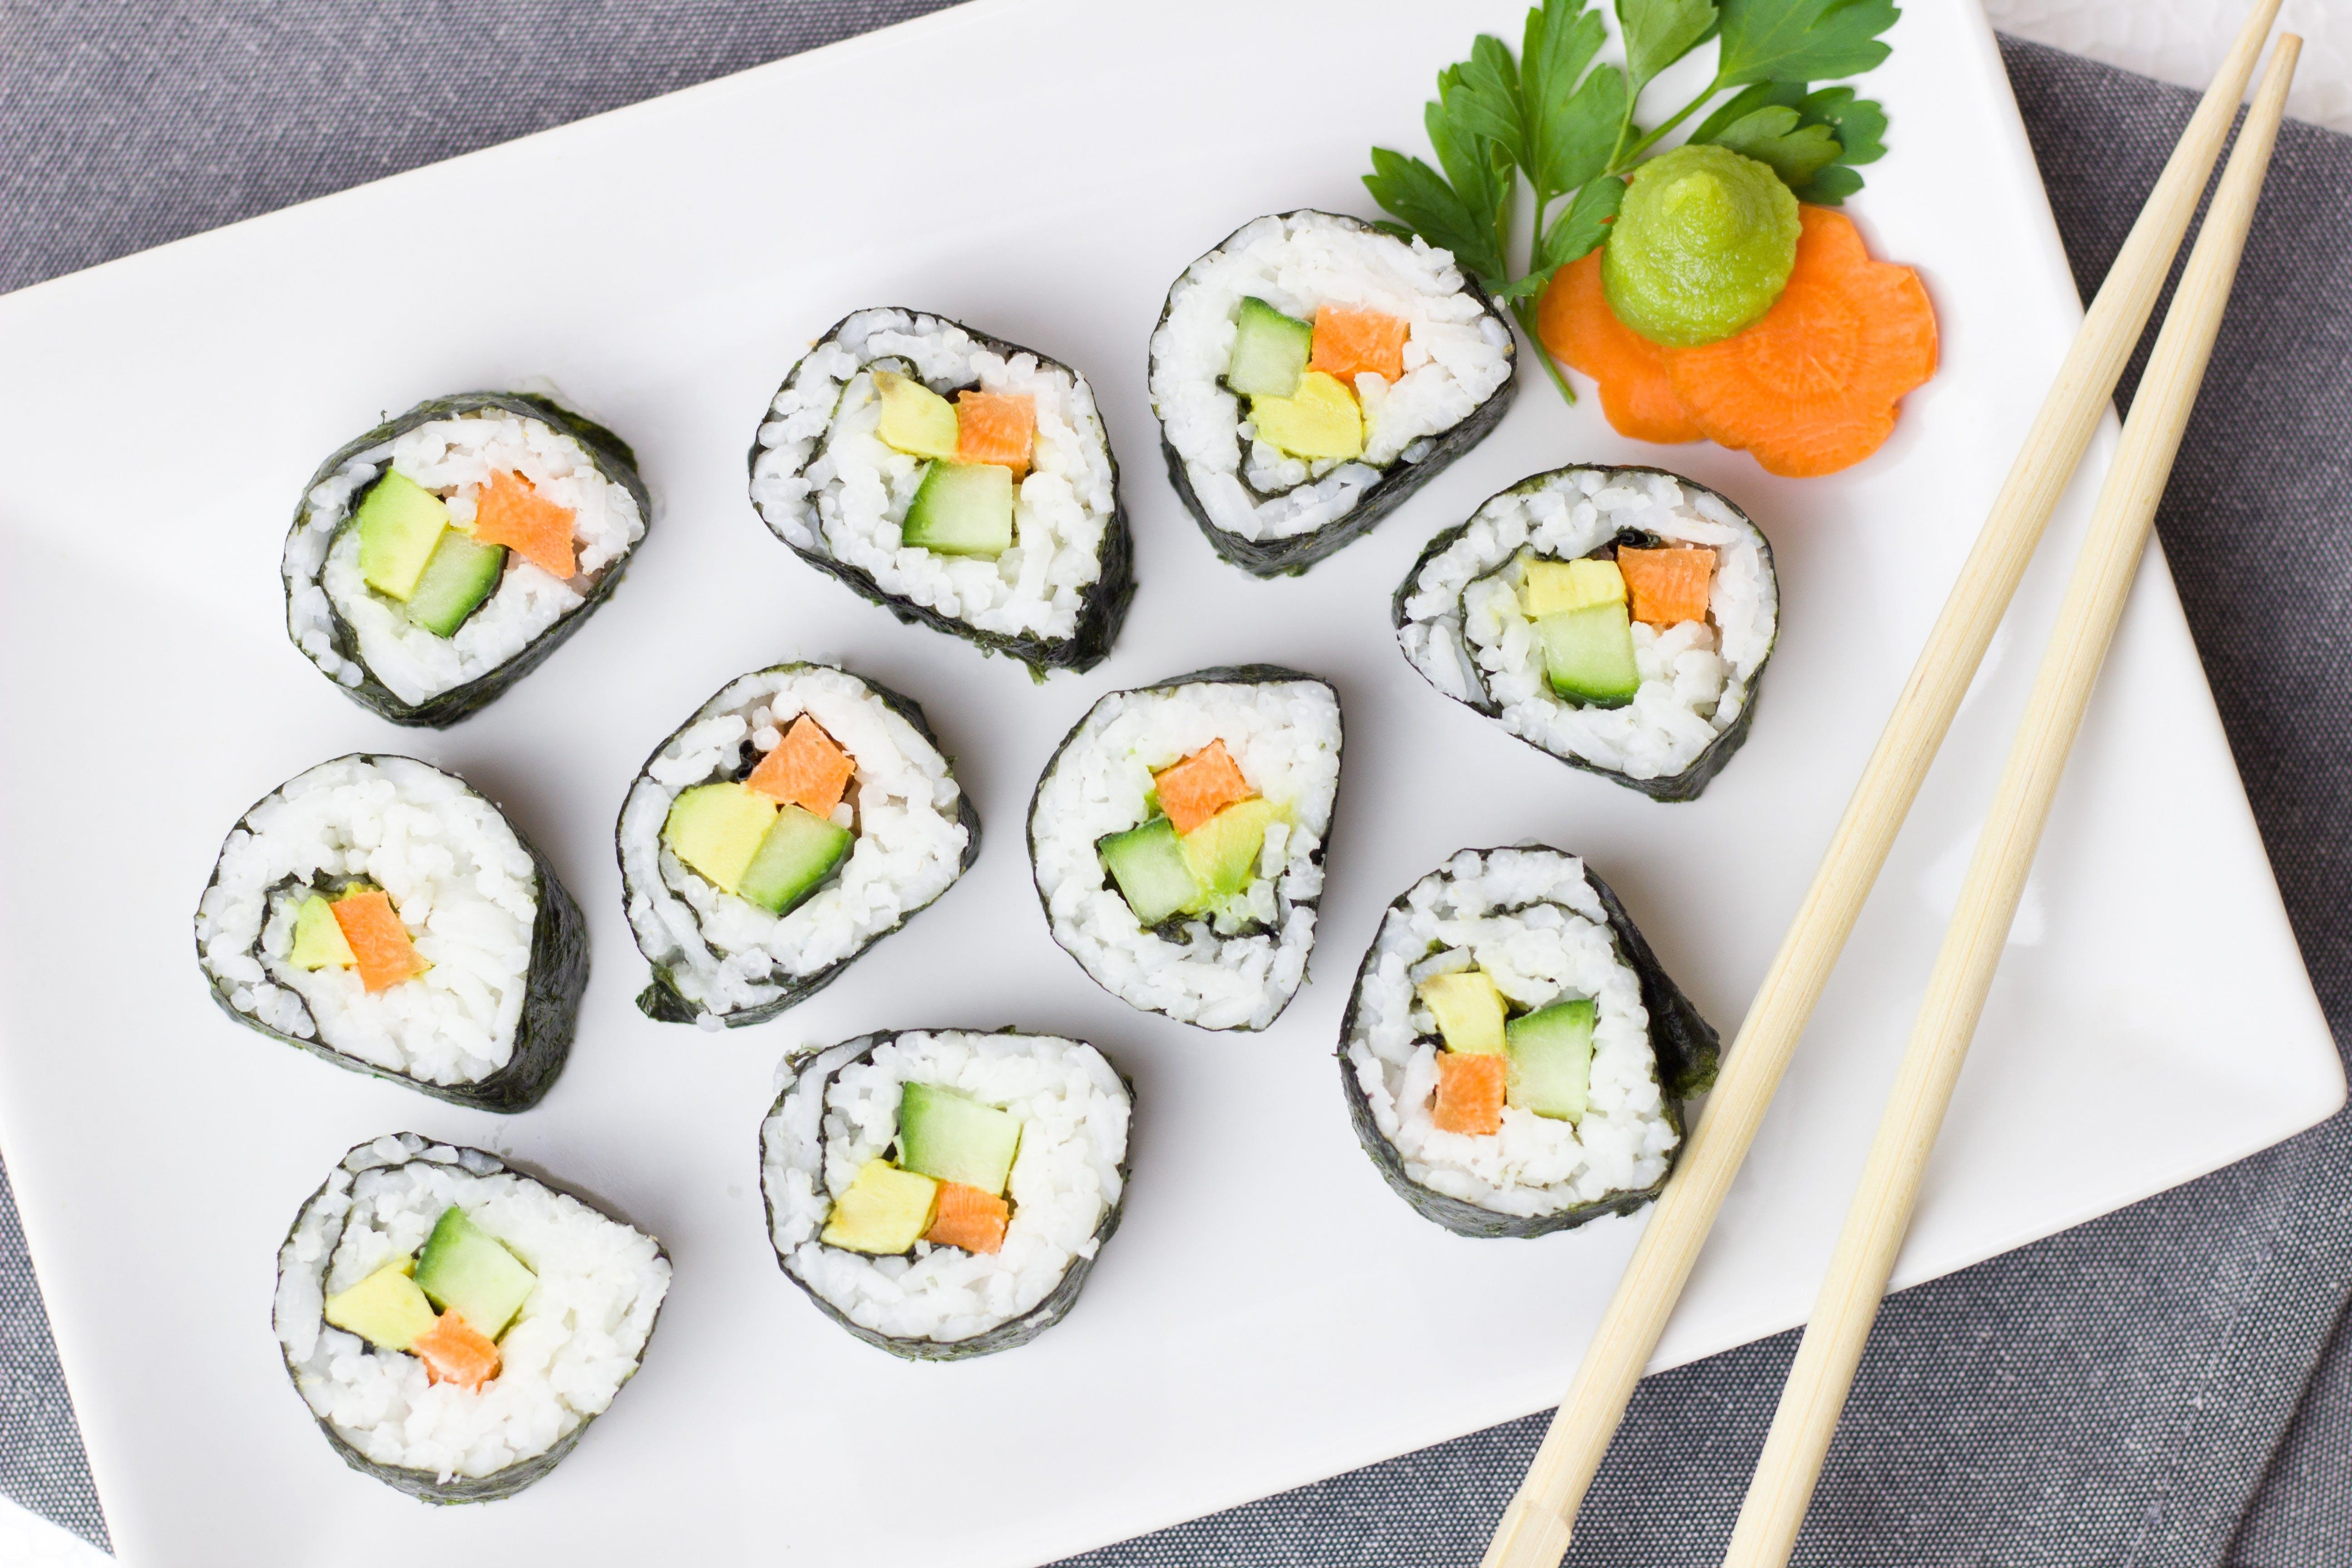 Gratis lagerfoto af Asien, delikat, fisk og skaldyr, frokost